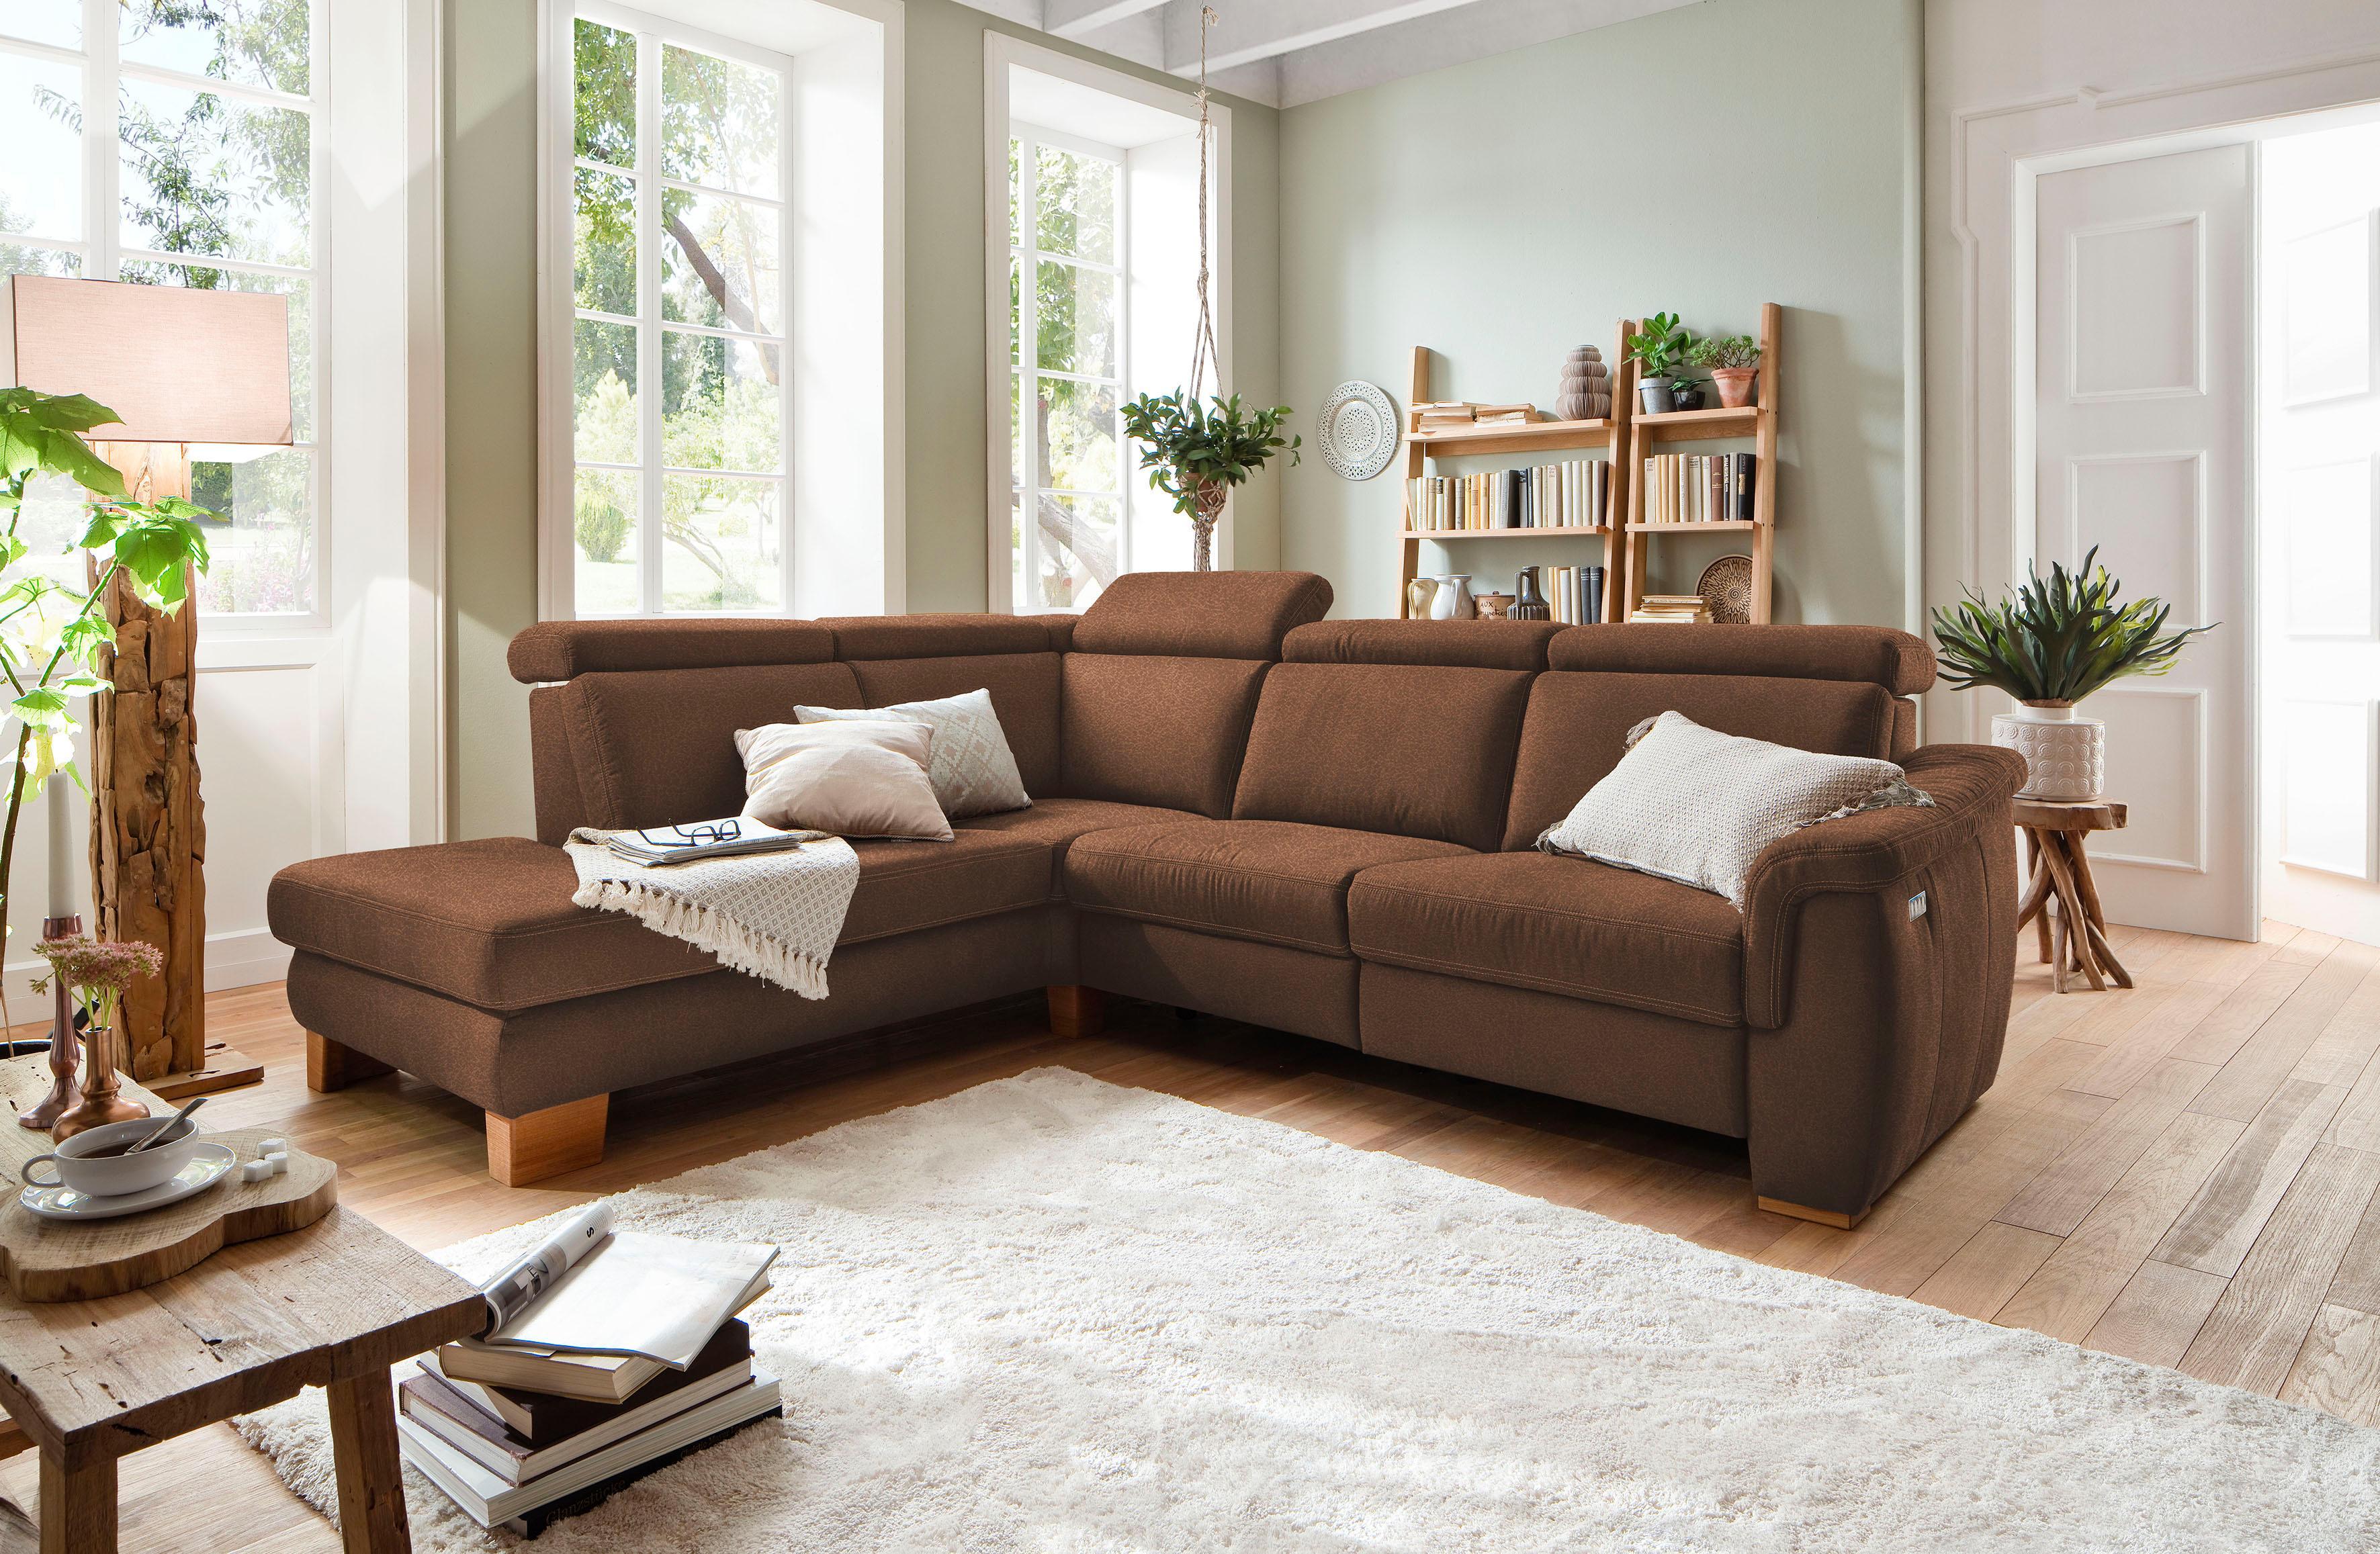 Home affaire Ecksofa Konstanz wahlweise mit vollmotorischer Relaxfunktion